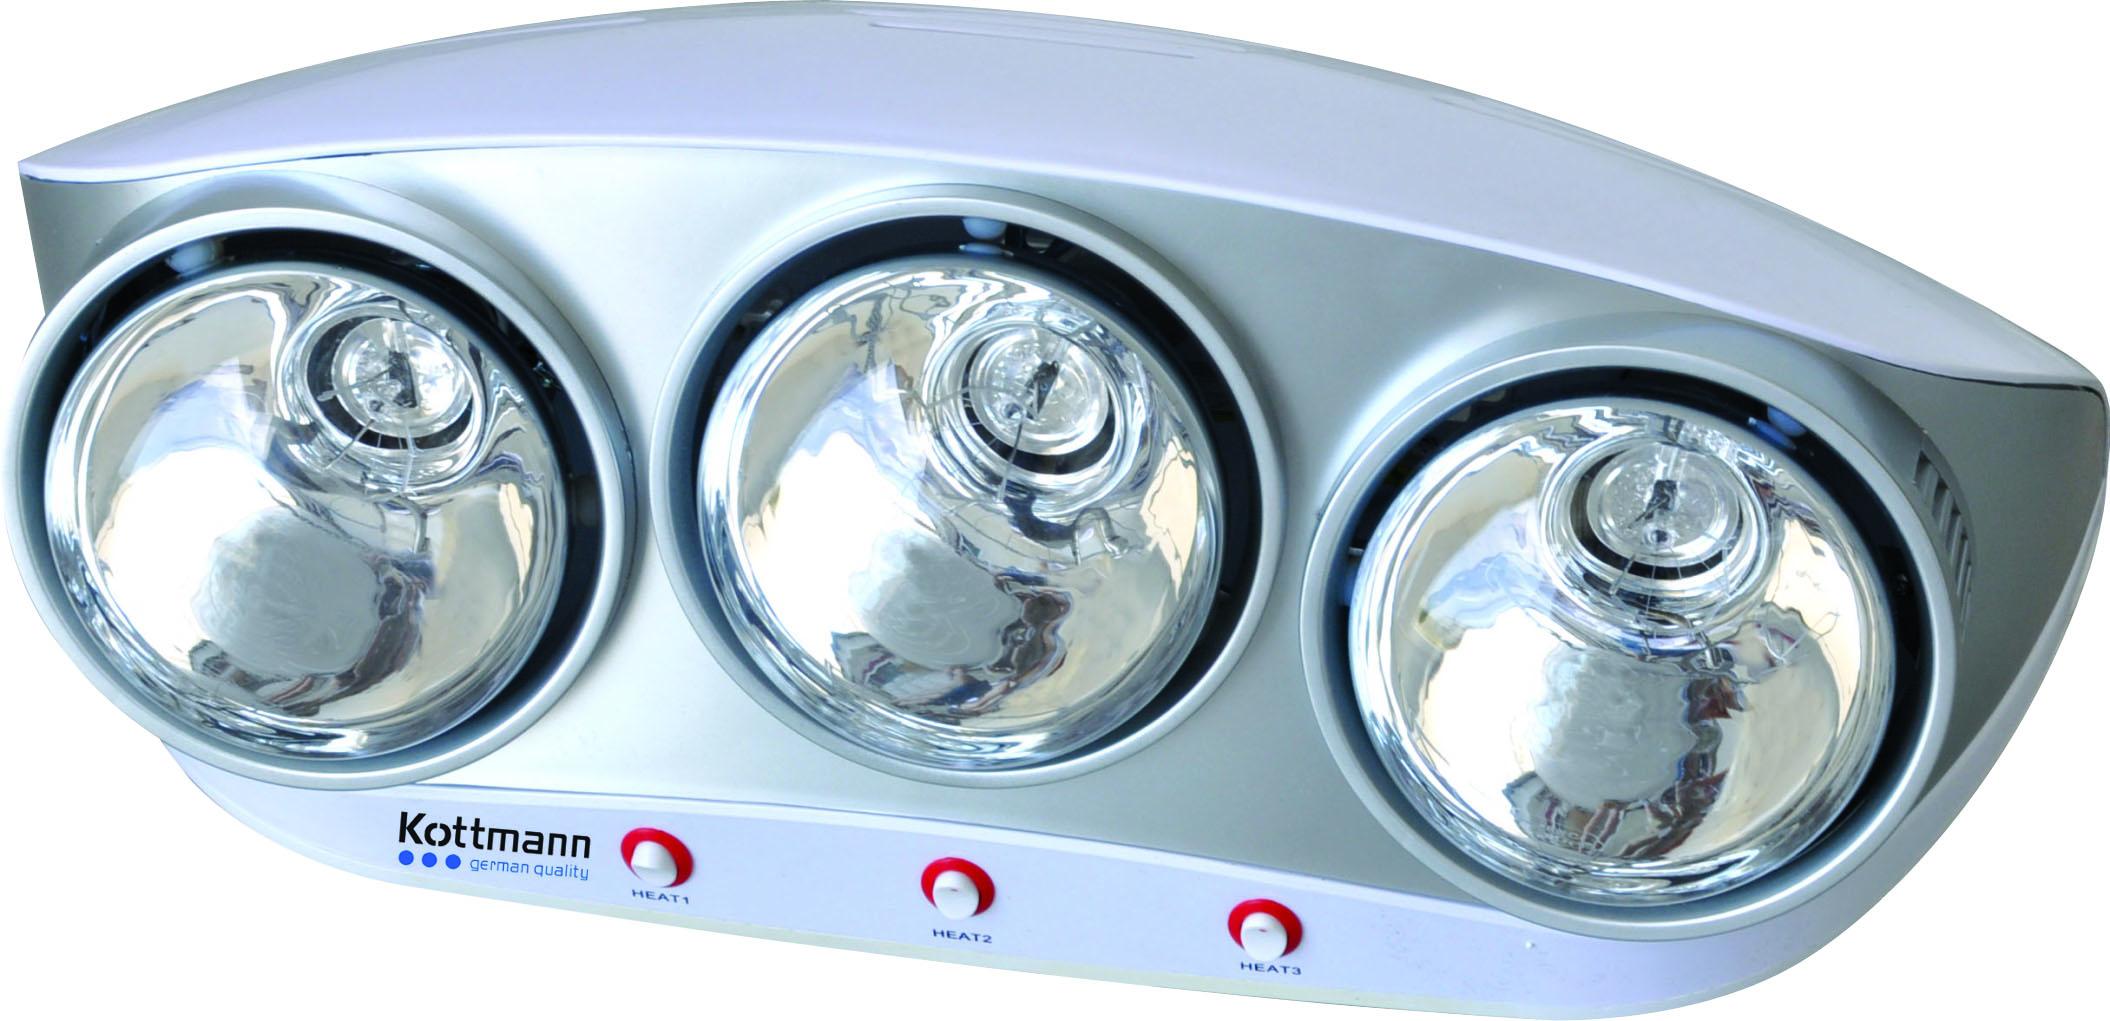 Đèn sưởi nhà tắm 3 bóng bạc Kottmann (K3B-S)